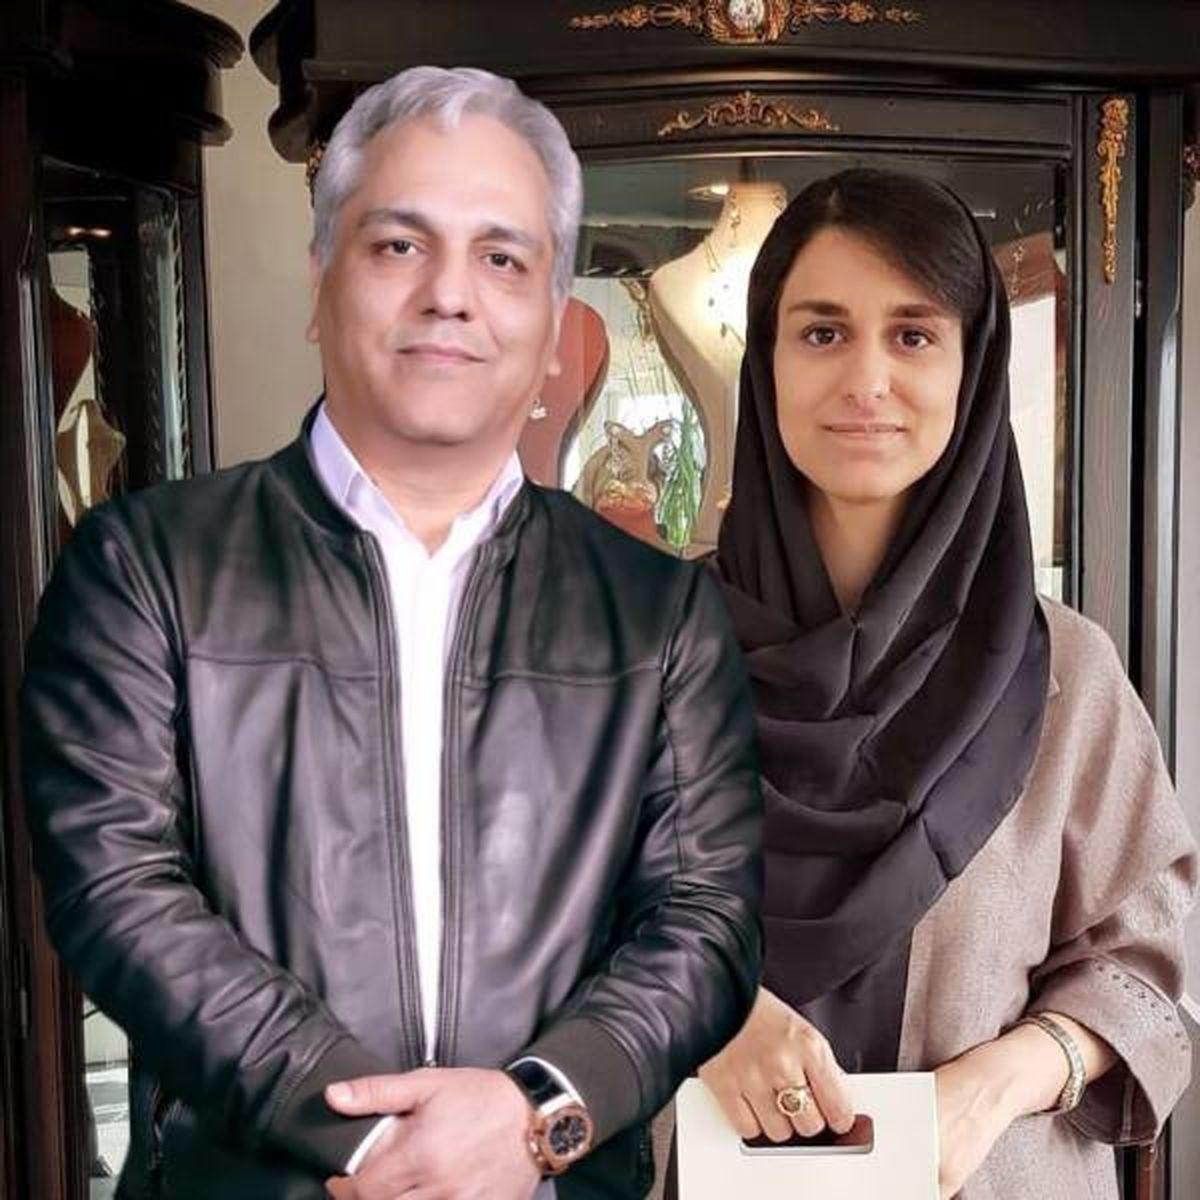 عکس صمیمی مهران مدیری با بازیگران سریال دراکولا